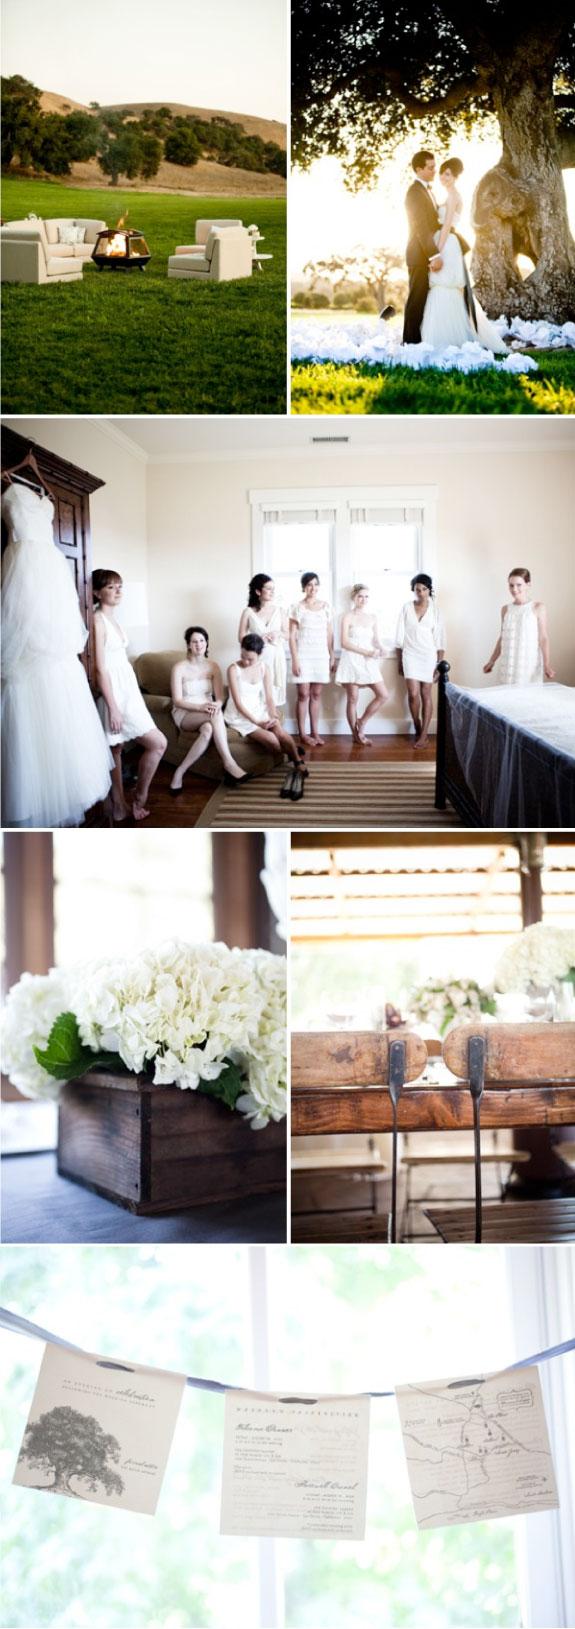 Ślub w neutralnych kolorach czerni, bieli i szarości